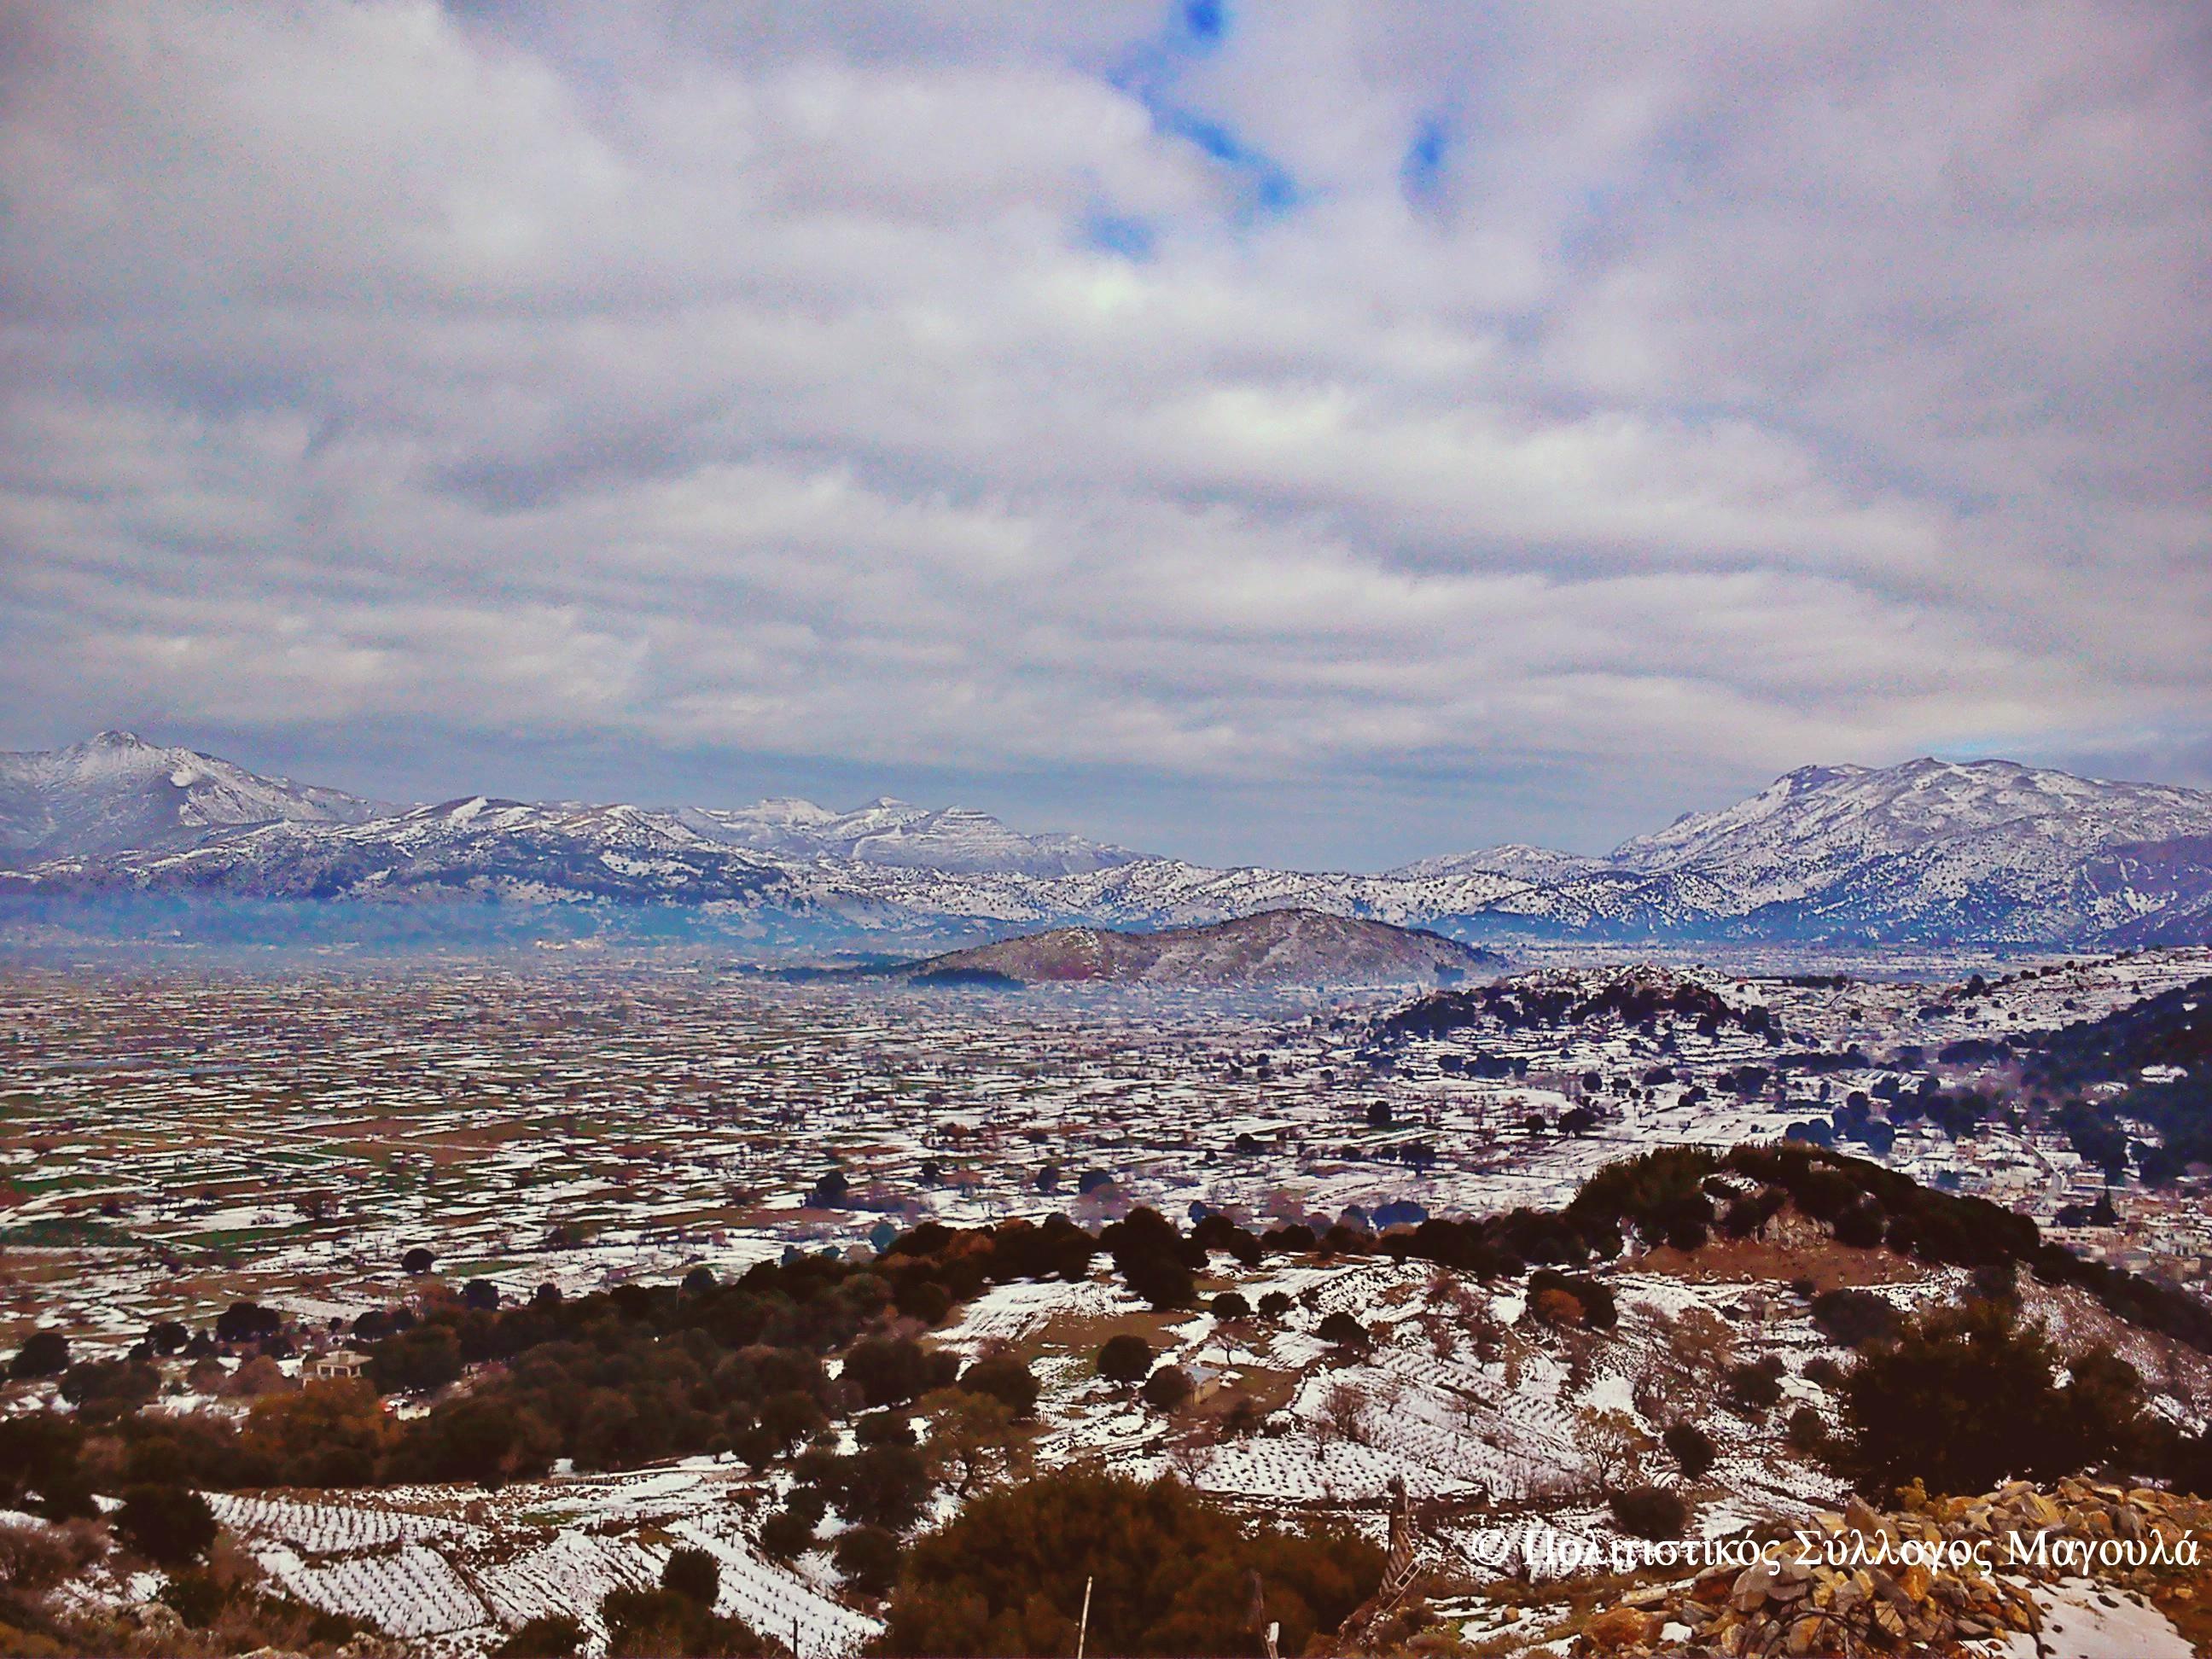 Η θέα του χιονισμένου λασιθιώτικου κάμπου από τις εκκλησίες του Αγίου Αντωνίου και της Αγίας Μαρίνας- The view of lasithi plain covered in snow from the churchies St Antonios and St Marina